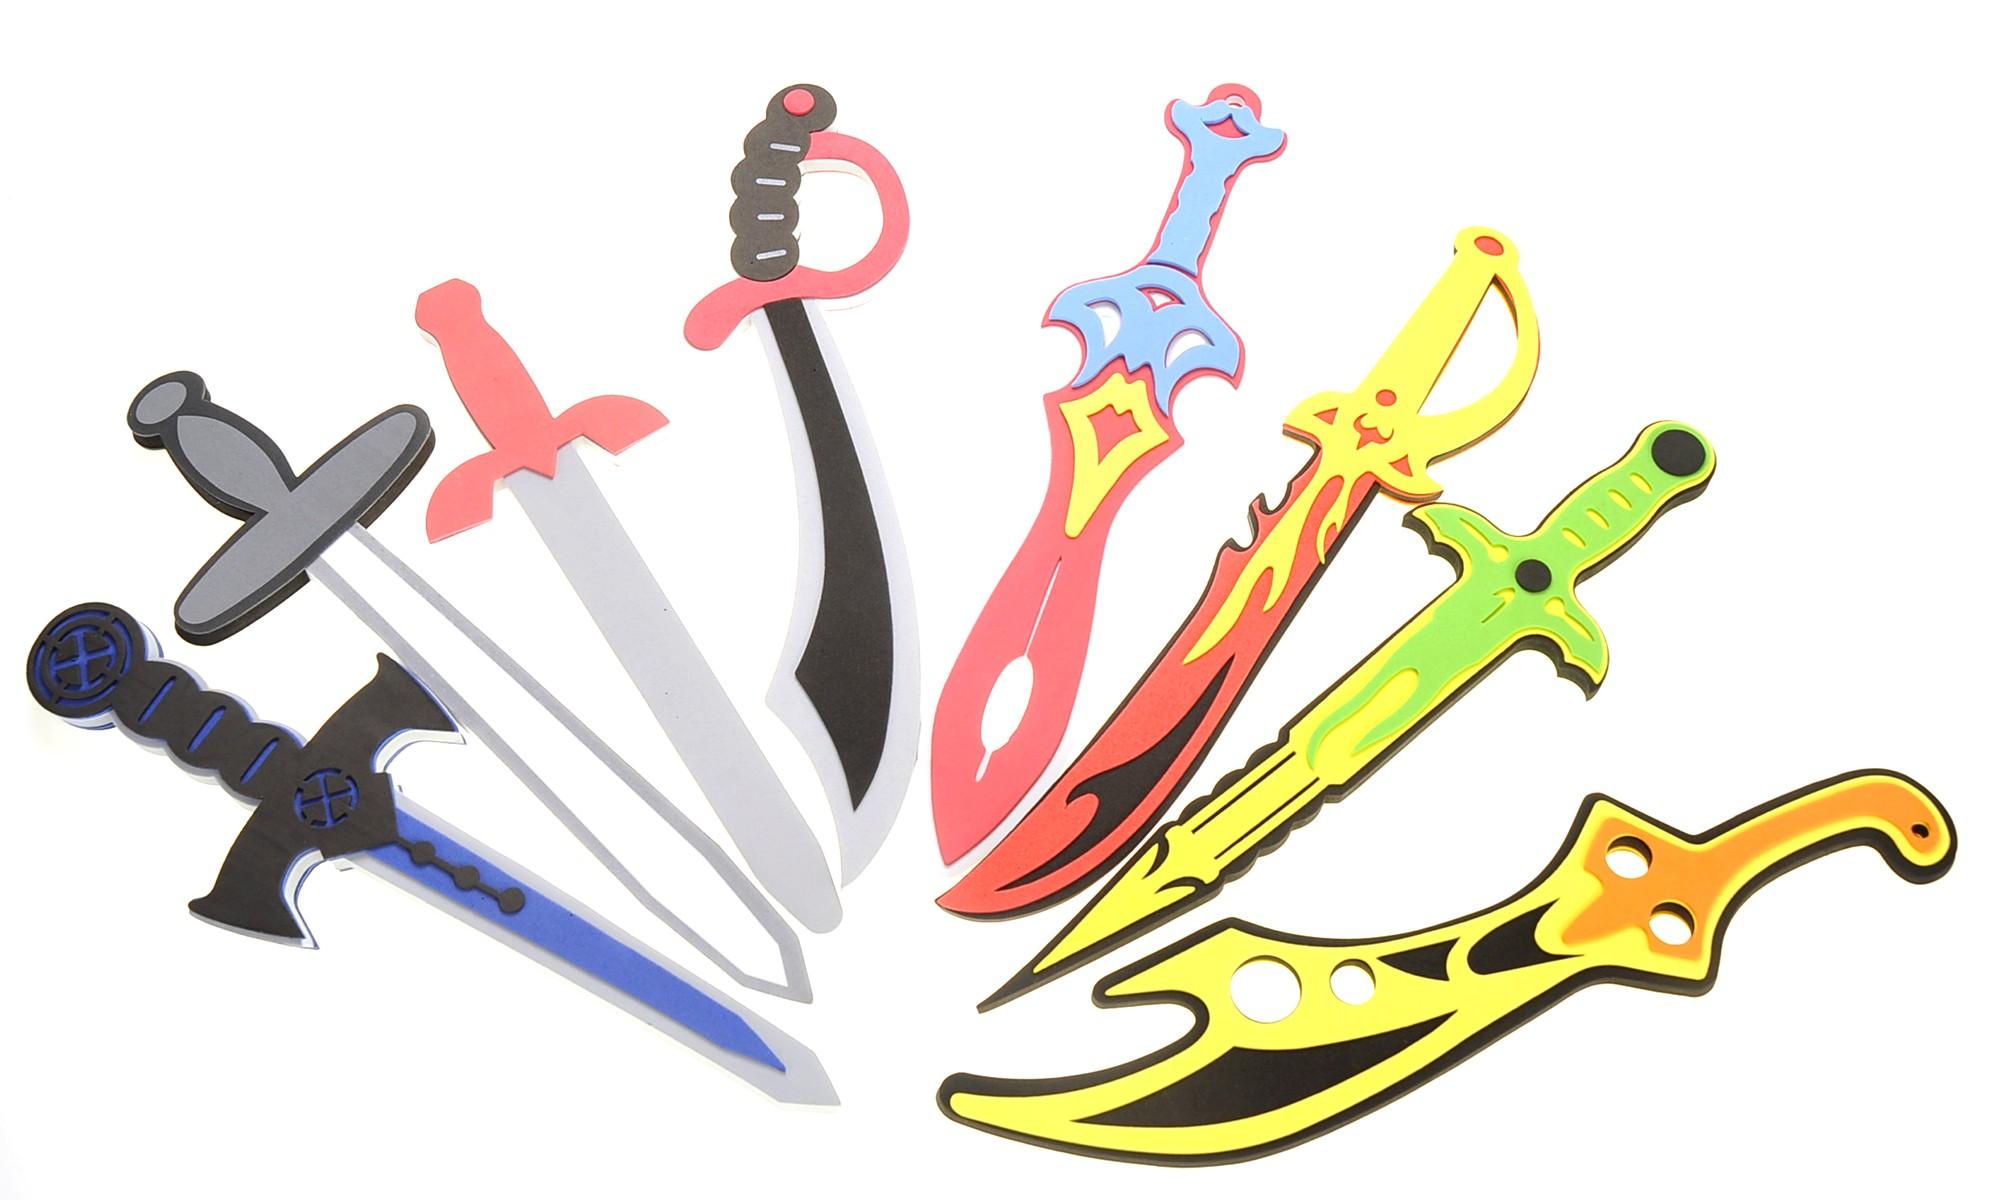 8 Pack Foam Swords Play Set